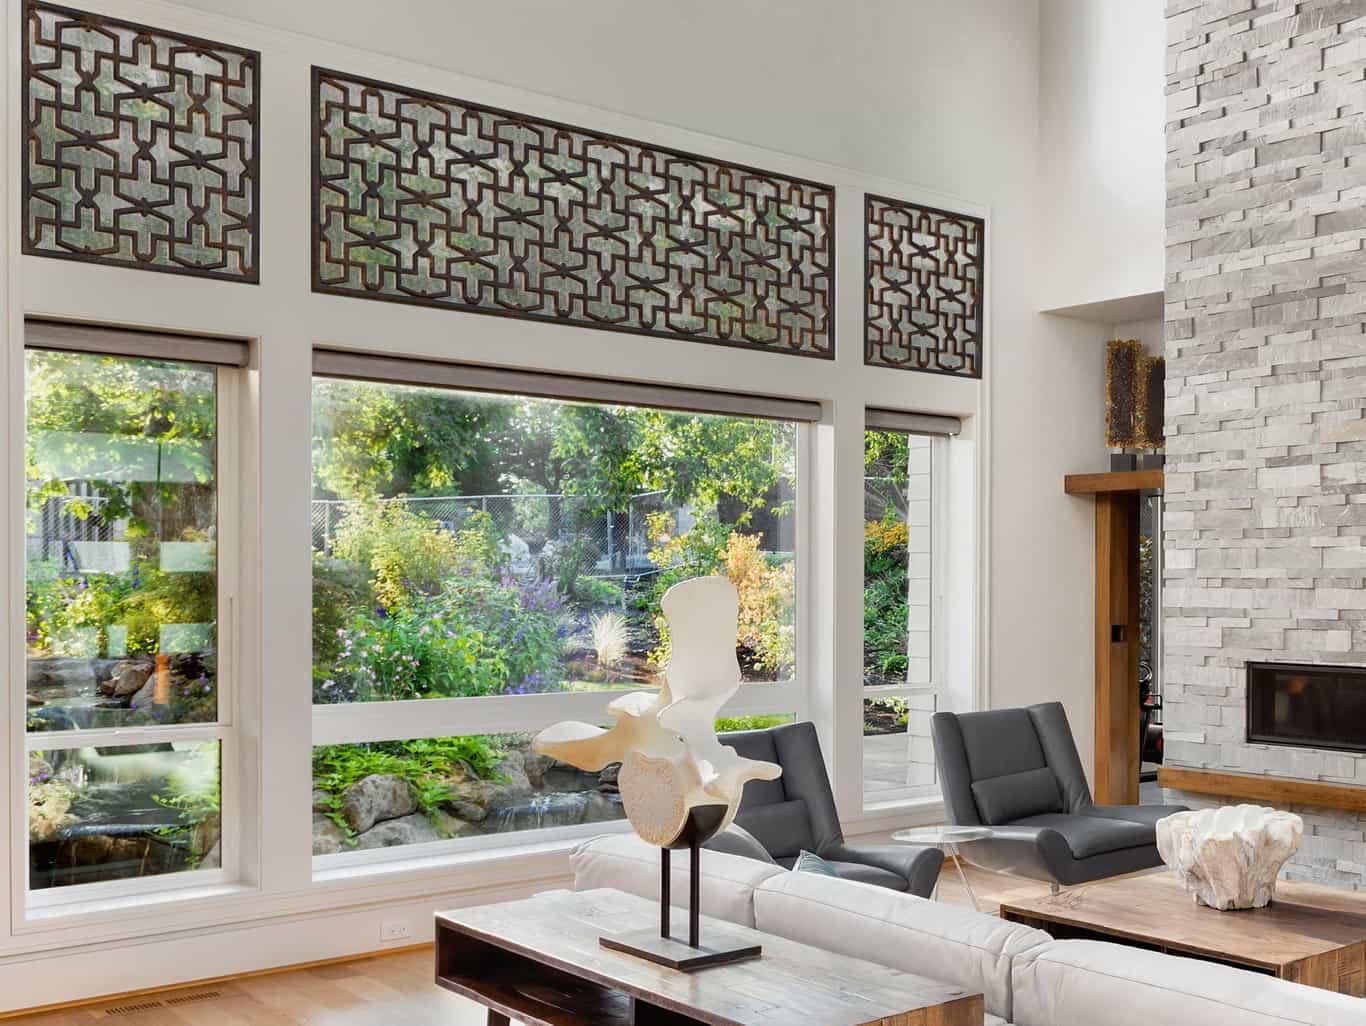 tableaux-decorative-grille-faux-iron-RWT-0037.jpg